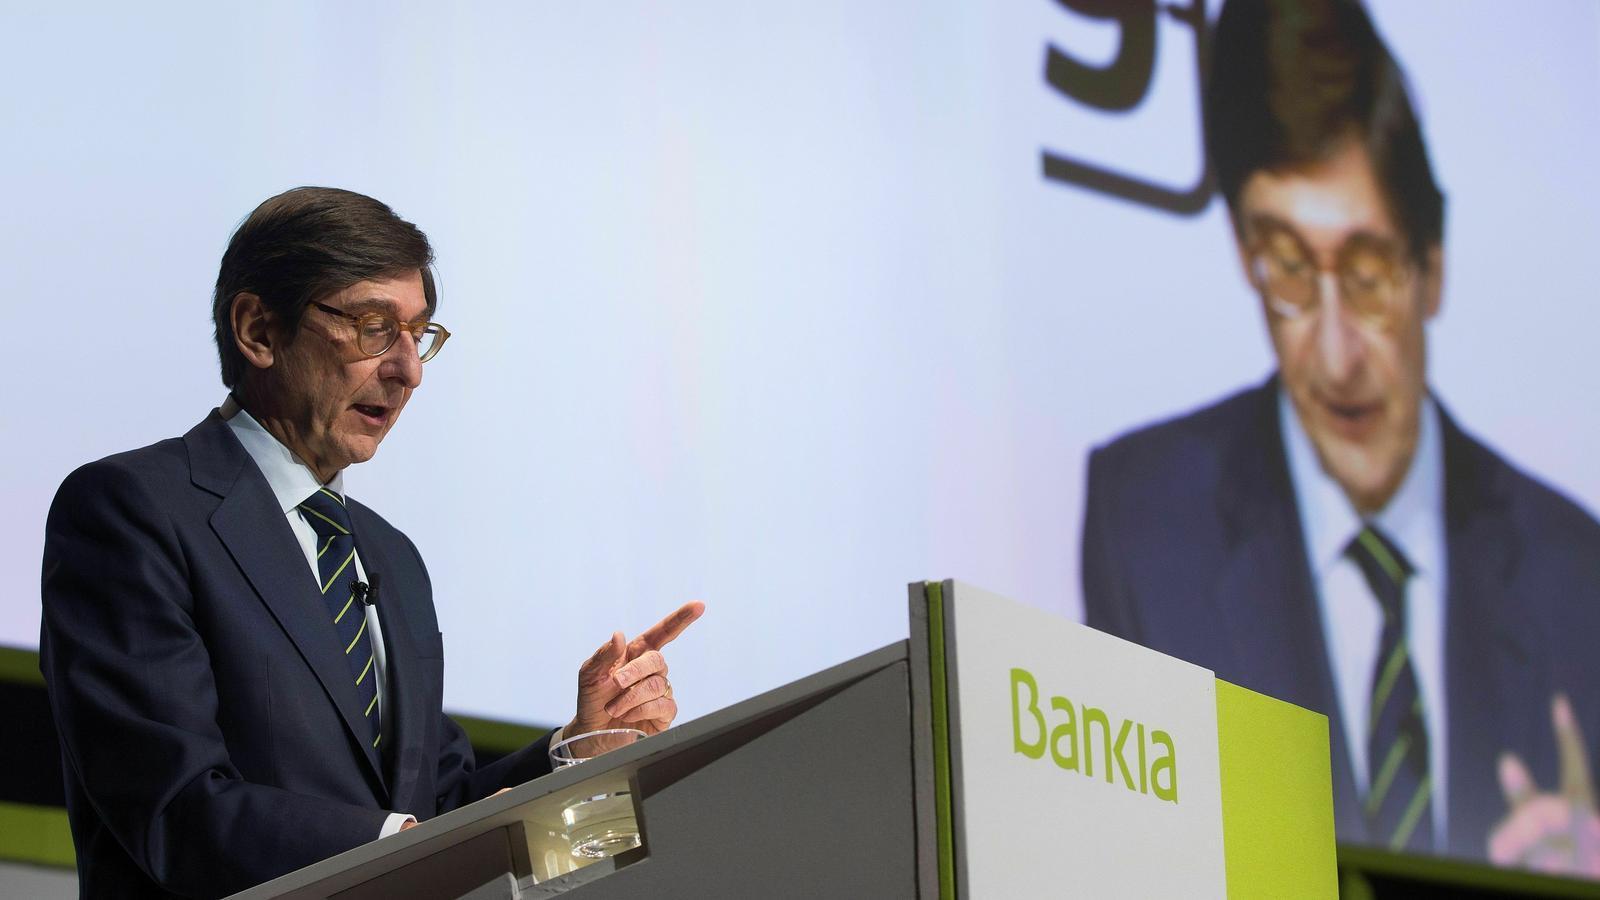 El presdient de Bankia, José Ignacio Goirigolzarri, aquest divendres a la Junta general d'accionistes que s'ha celebrat a València.